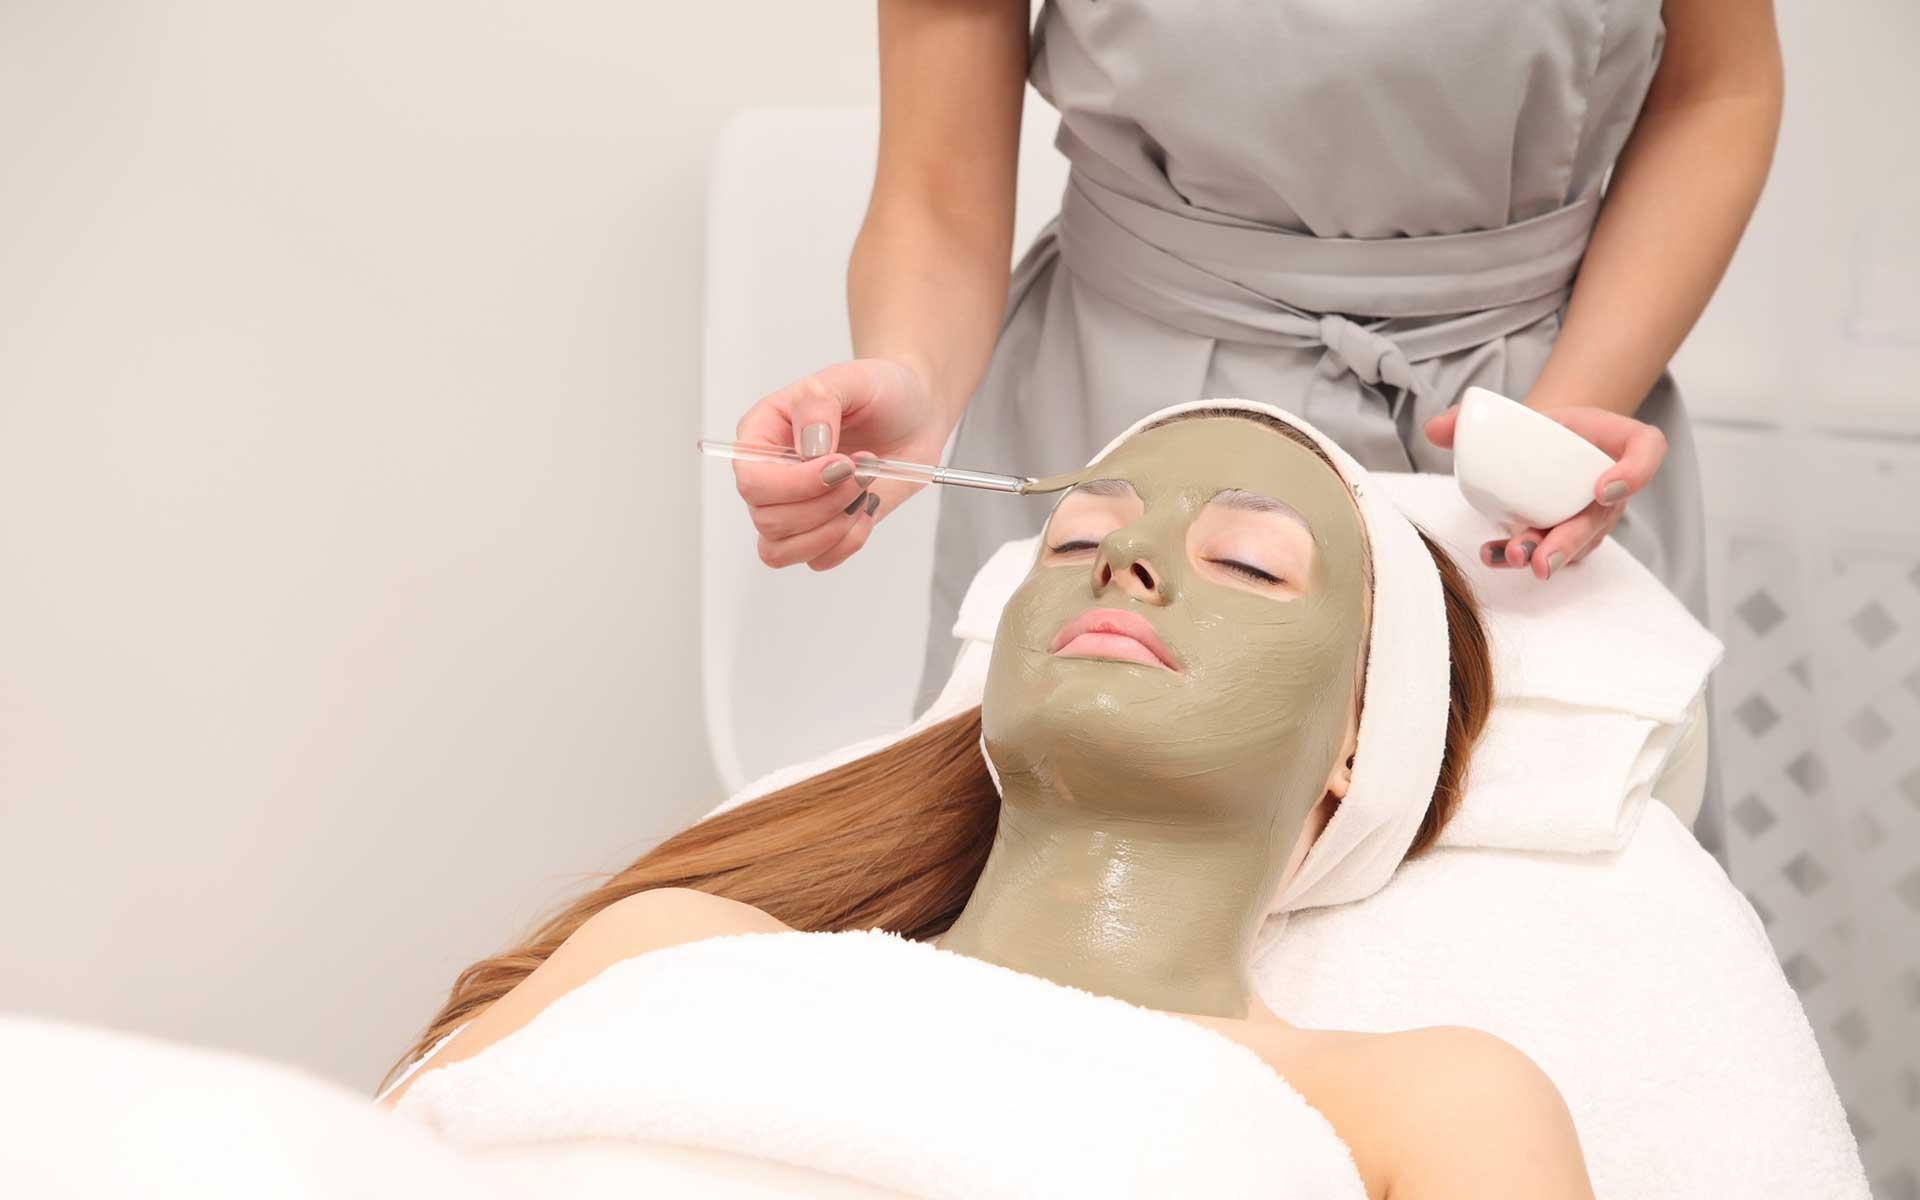 ТОП-10 советов косметолога по уходу за кожей лица